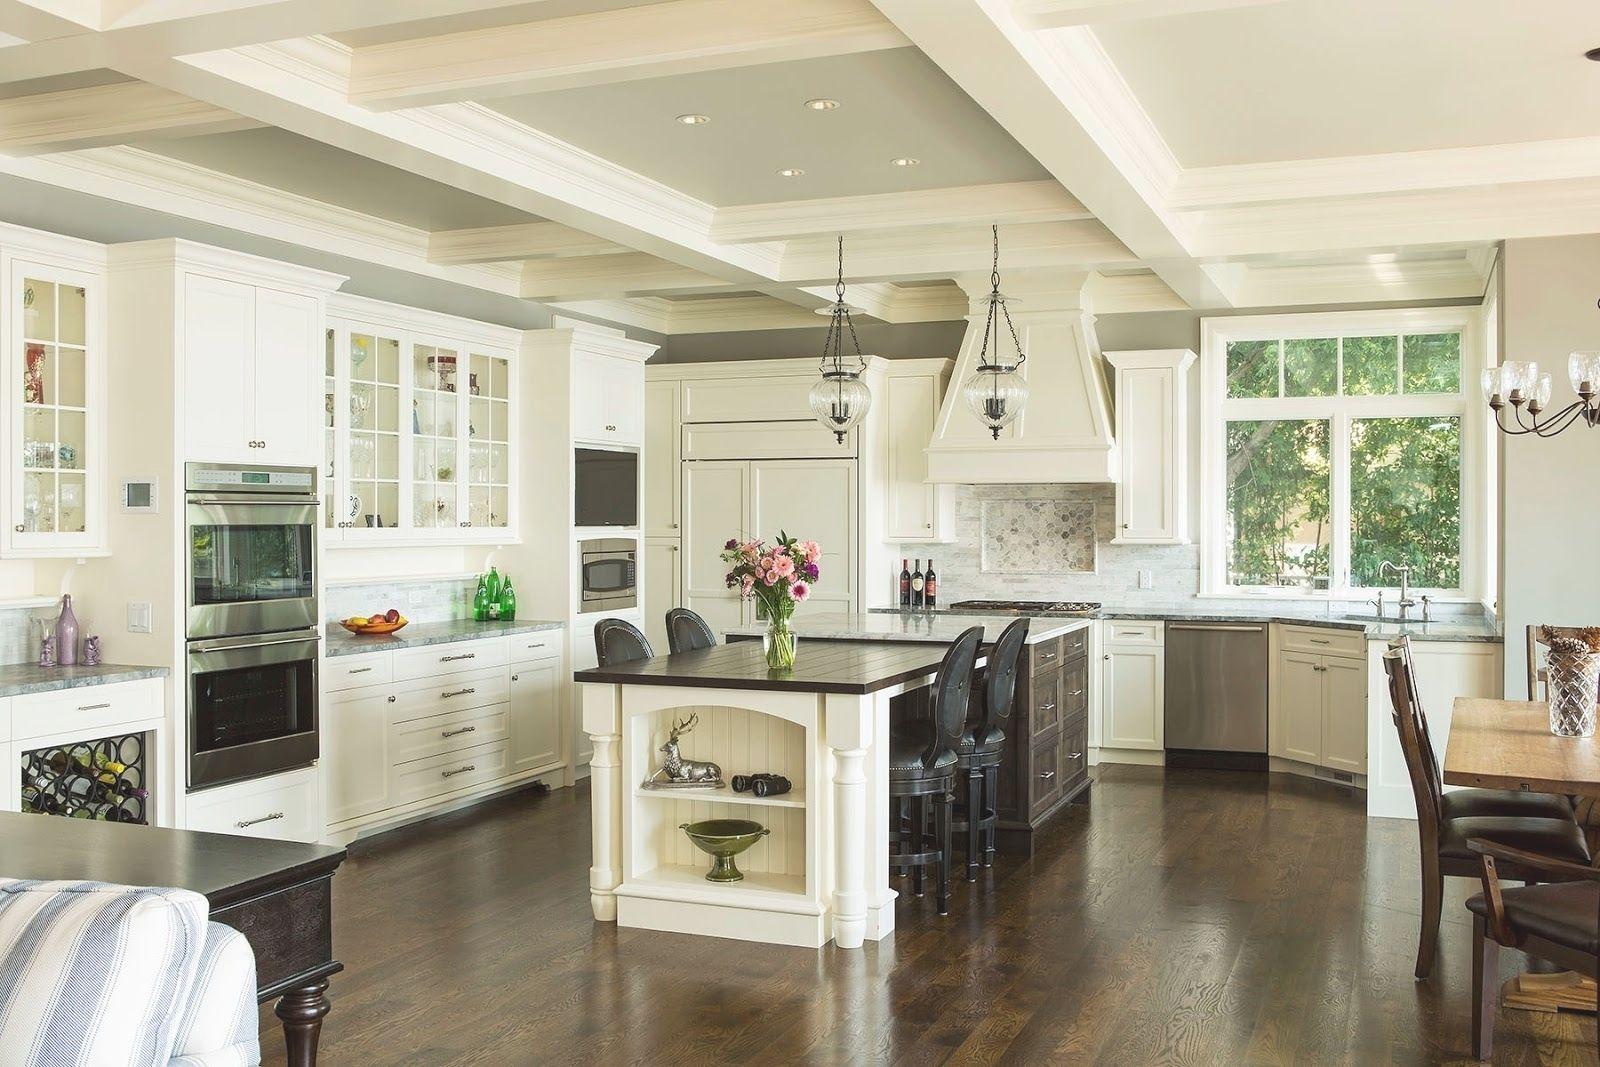 Open Kitchen Ideas With Island Kitchen Design Within Open Kitchen Ideas With Island Kitchen Design Open Kitchen Designs Layout Modern Kitchen Design